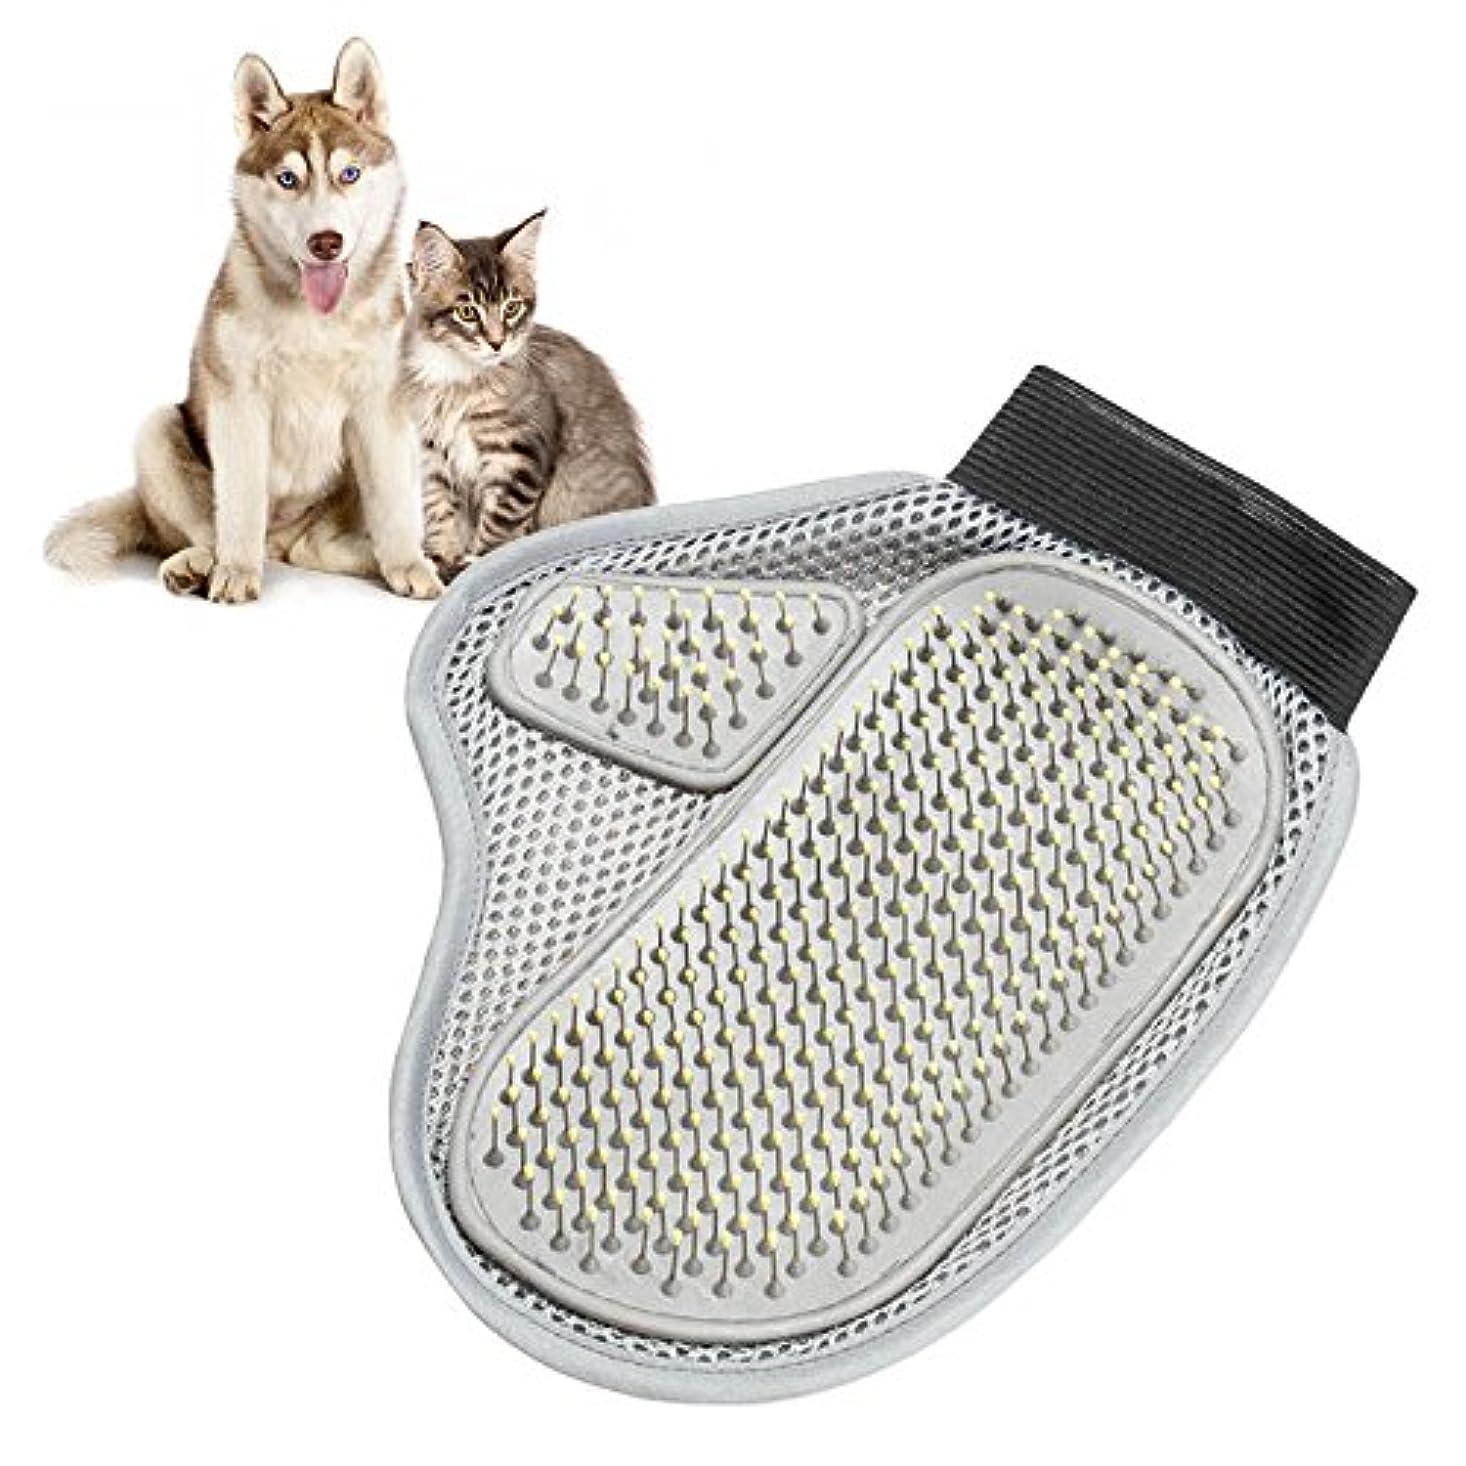 アンテナ反逆者日曜日BTXXYJP ペット ブラシ 手袋 猫 ブラシ グローブ クリーナー 耐摩耗 抜け毛取り マッサージブラシ 犬 グローブ (Color : Gray, Size : M)